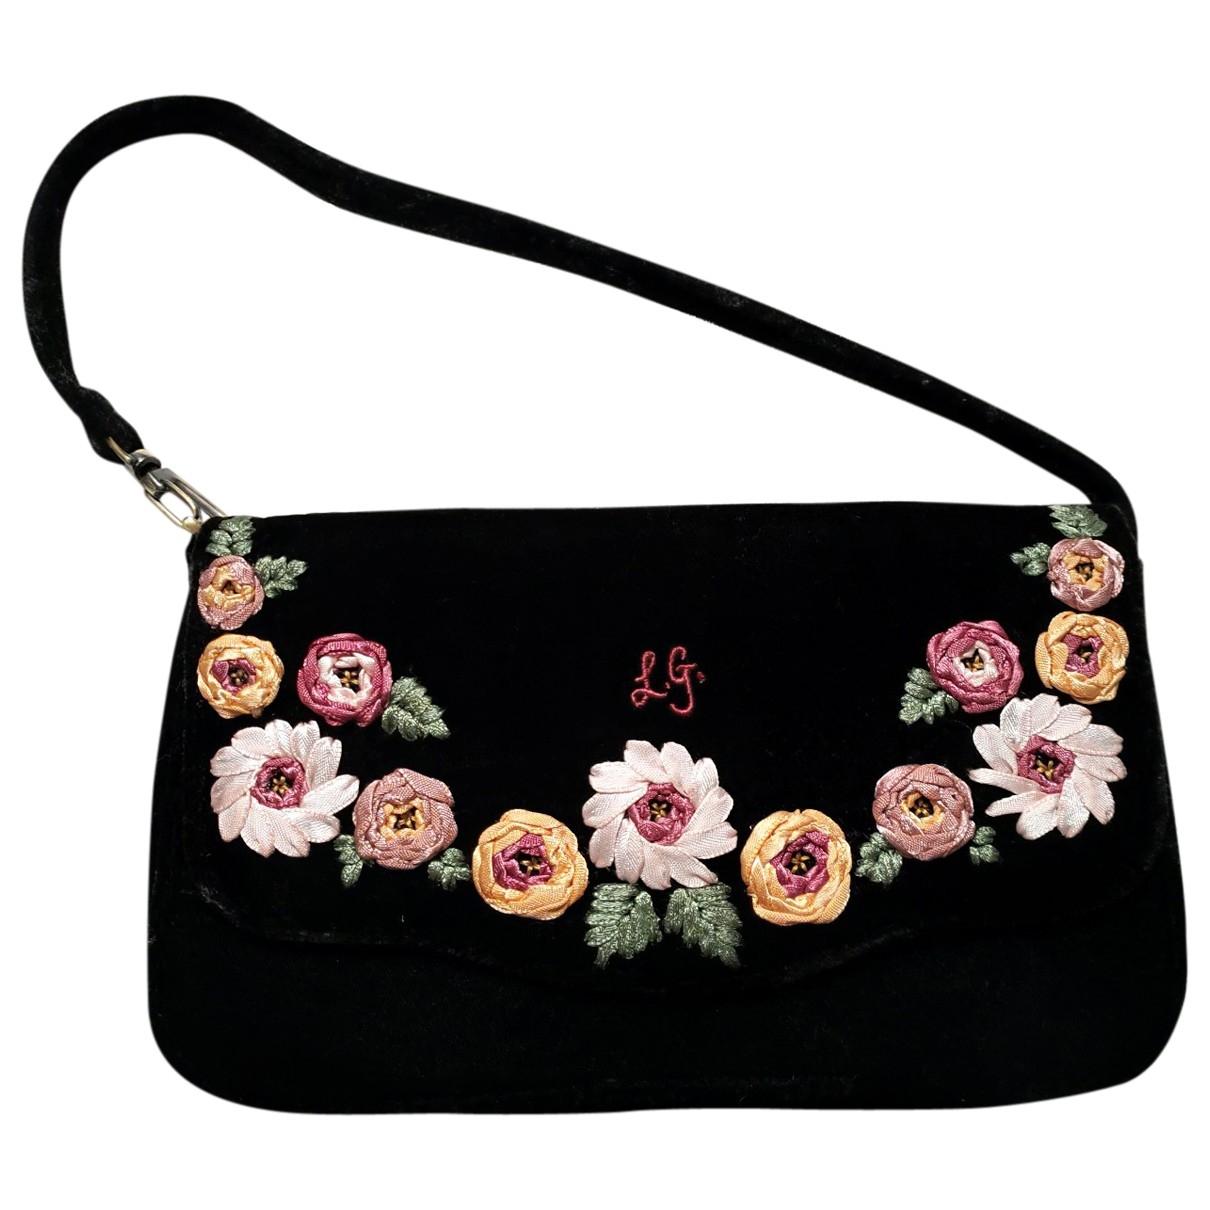 Lulu Guinness \N Handtasche in  Schwarz Samt